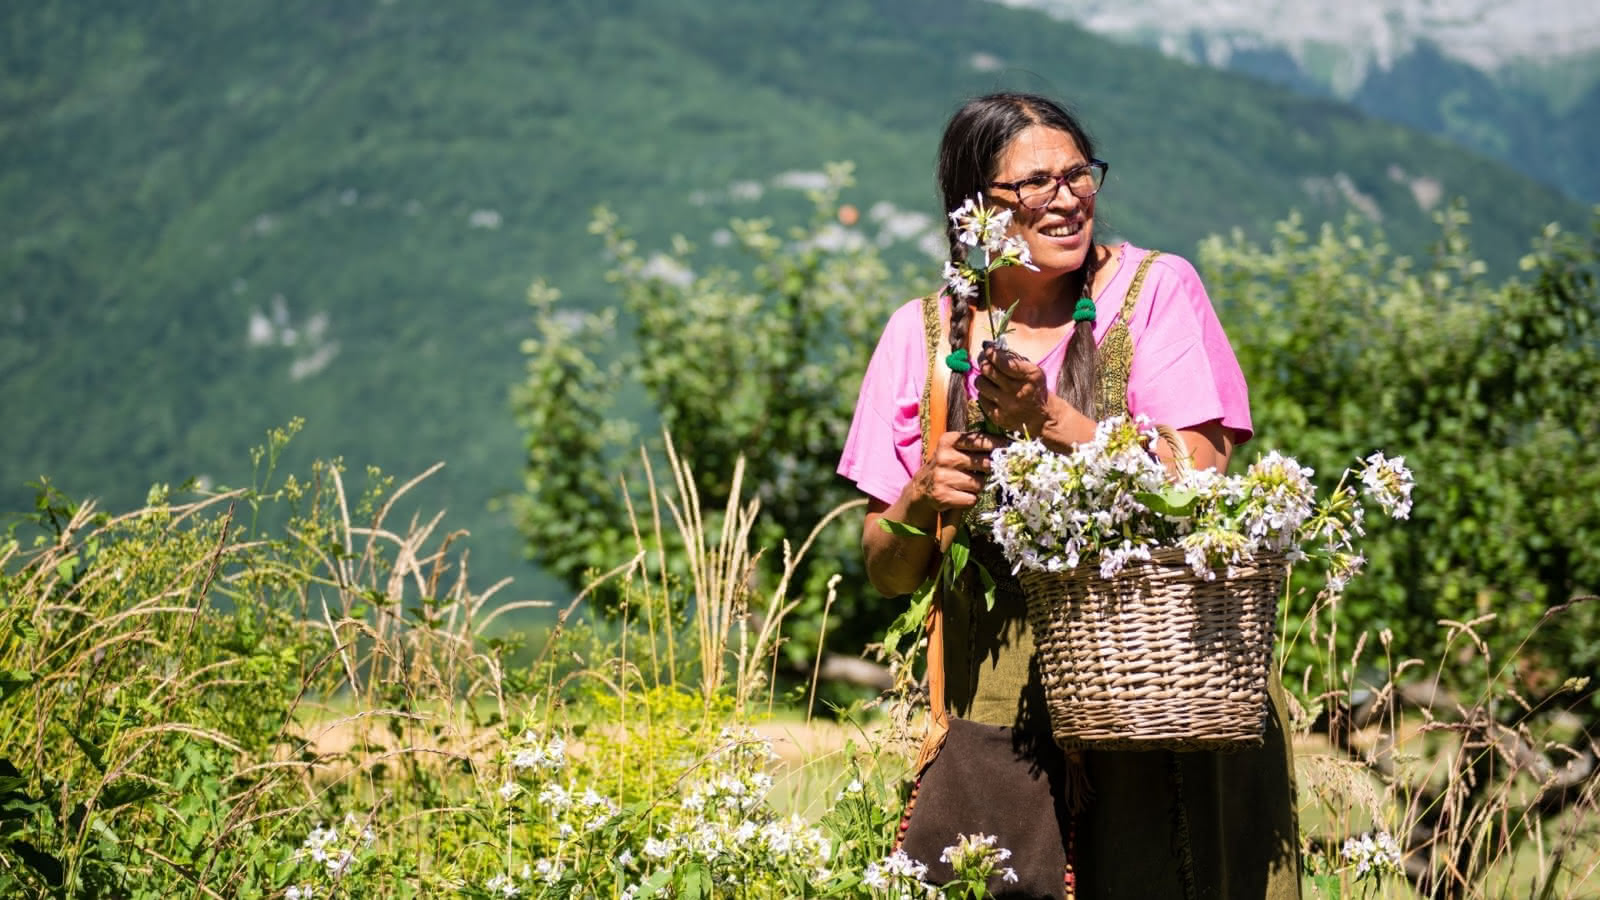 Sabrina basket flower picking